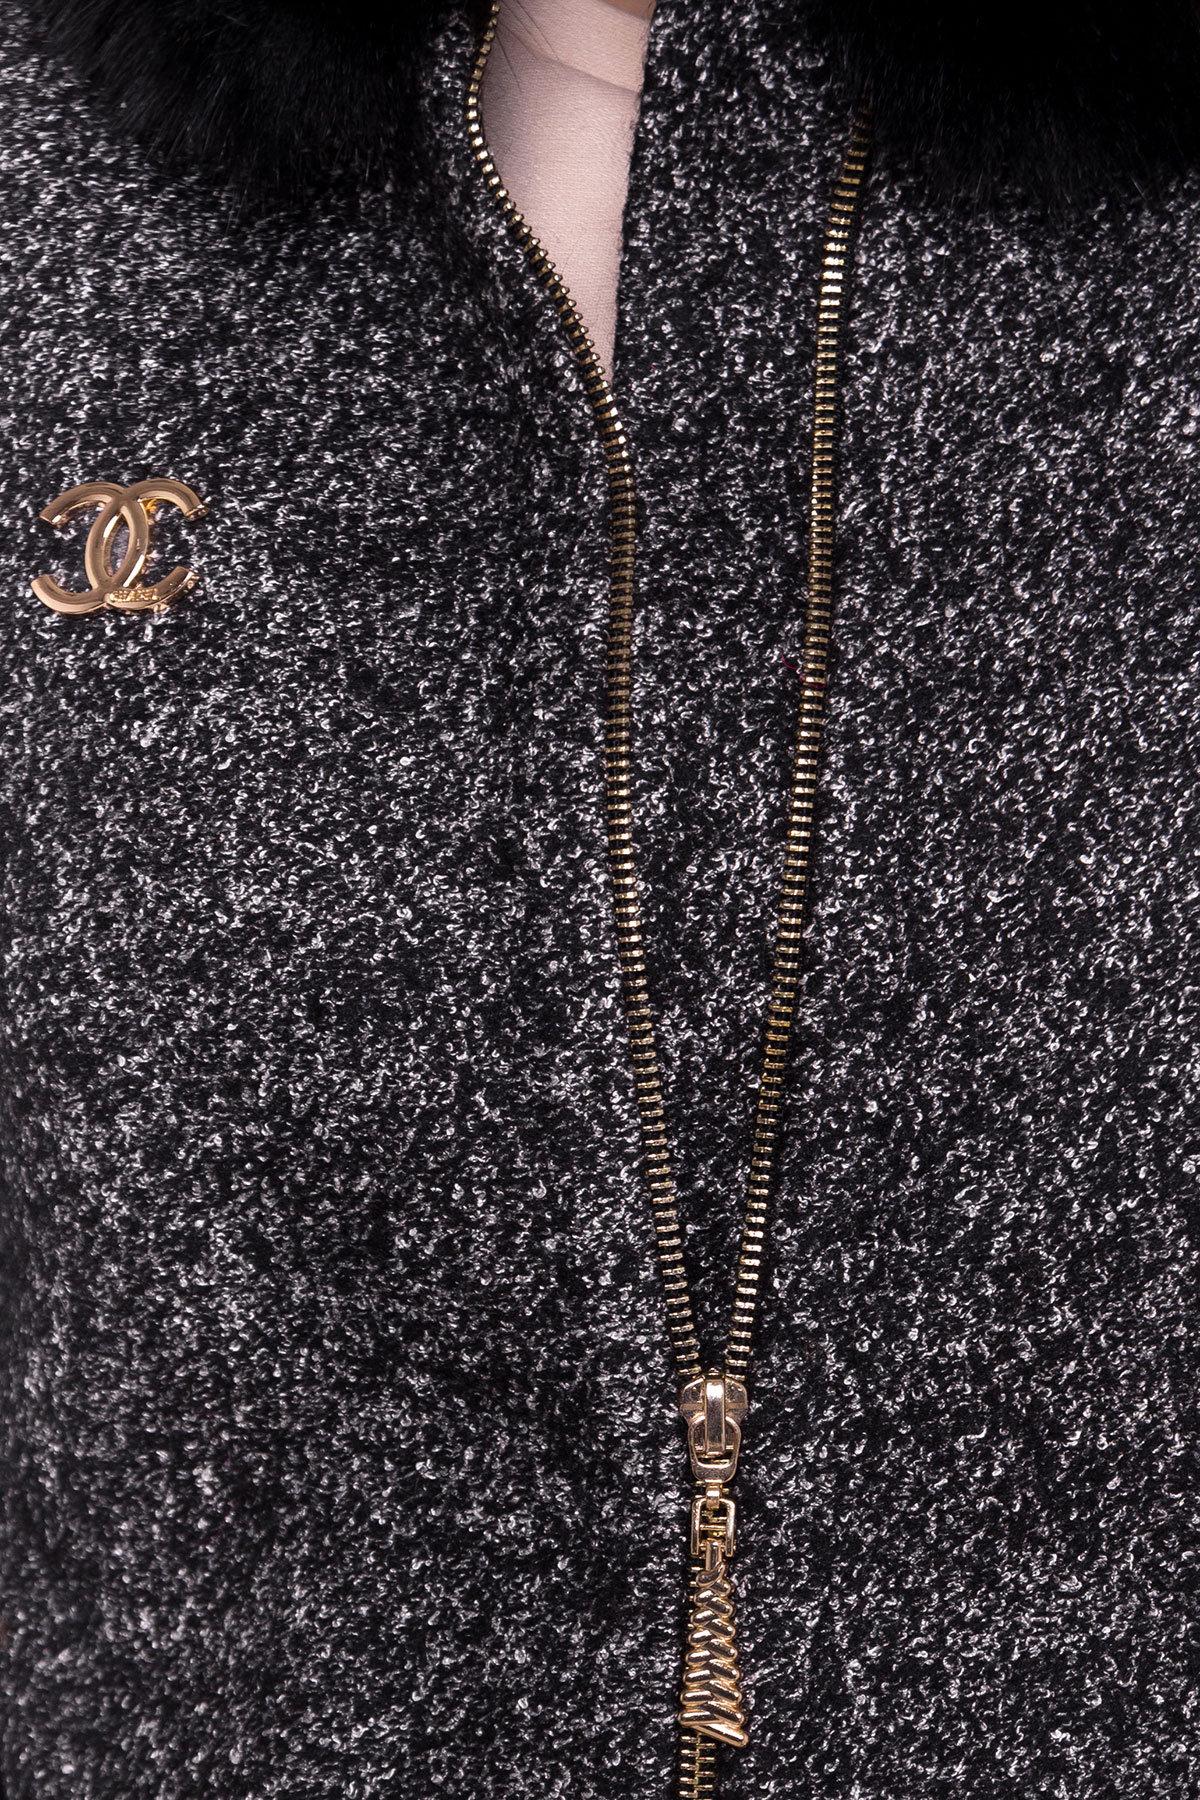 Пальто зима Сан-Ремо АРТ. 8059 Цвет: Черный/ серый - фото 4, интернет магазин tm-modus.ru